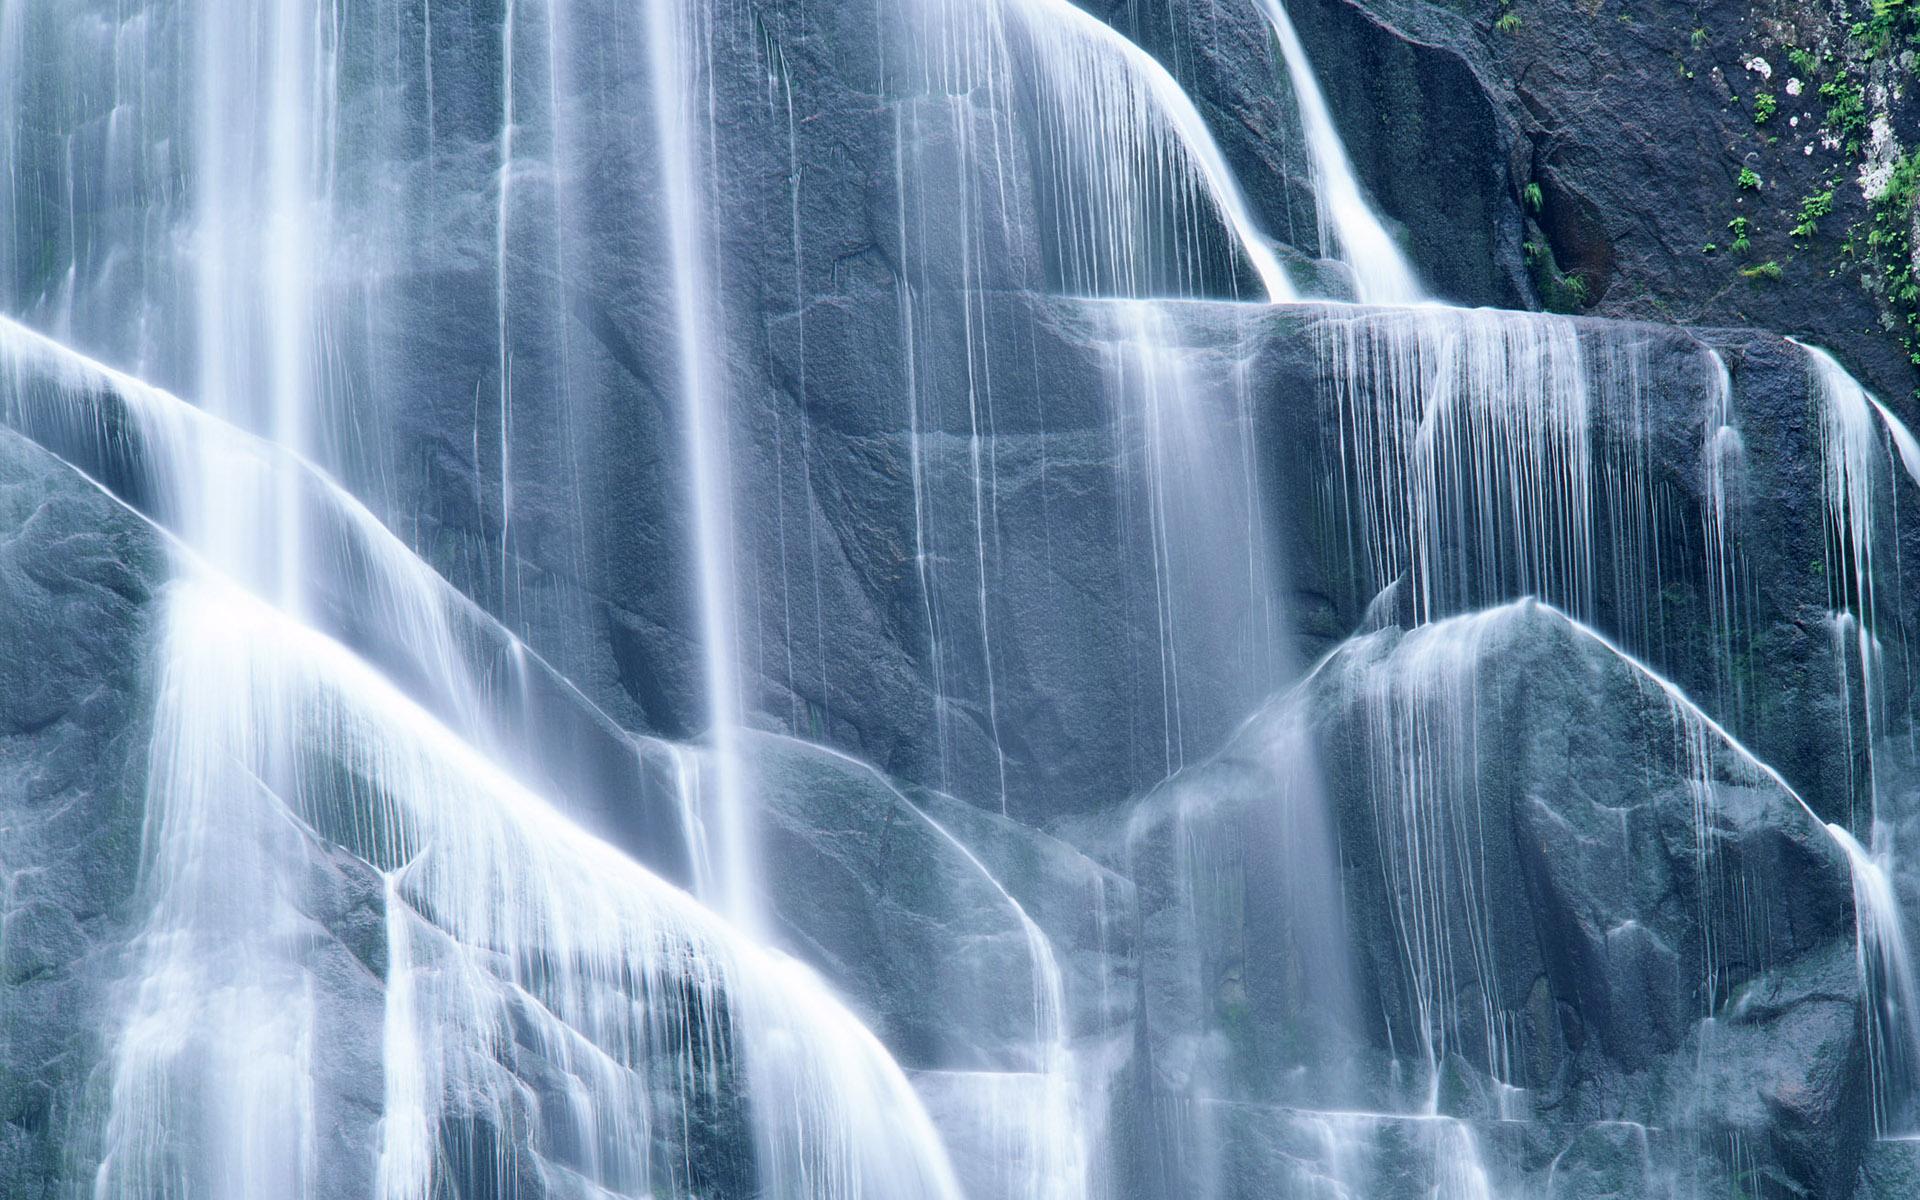 крылатка картинки для презентации на задний фон водопады свете открывшихся